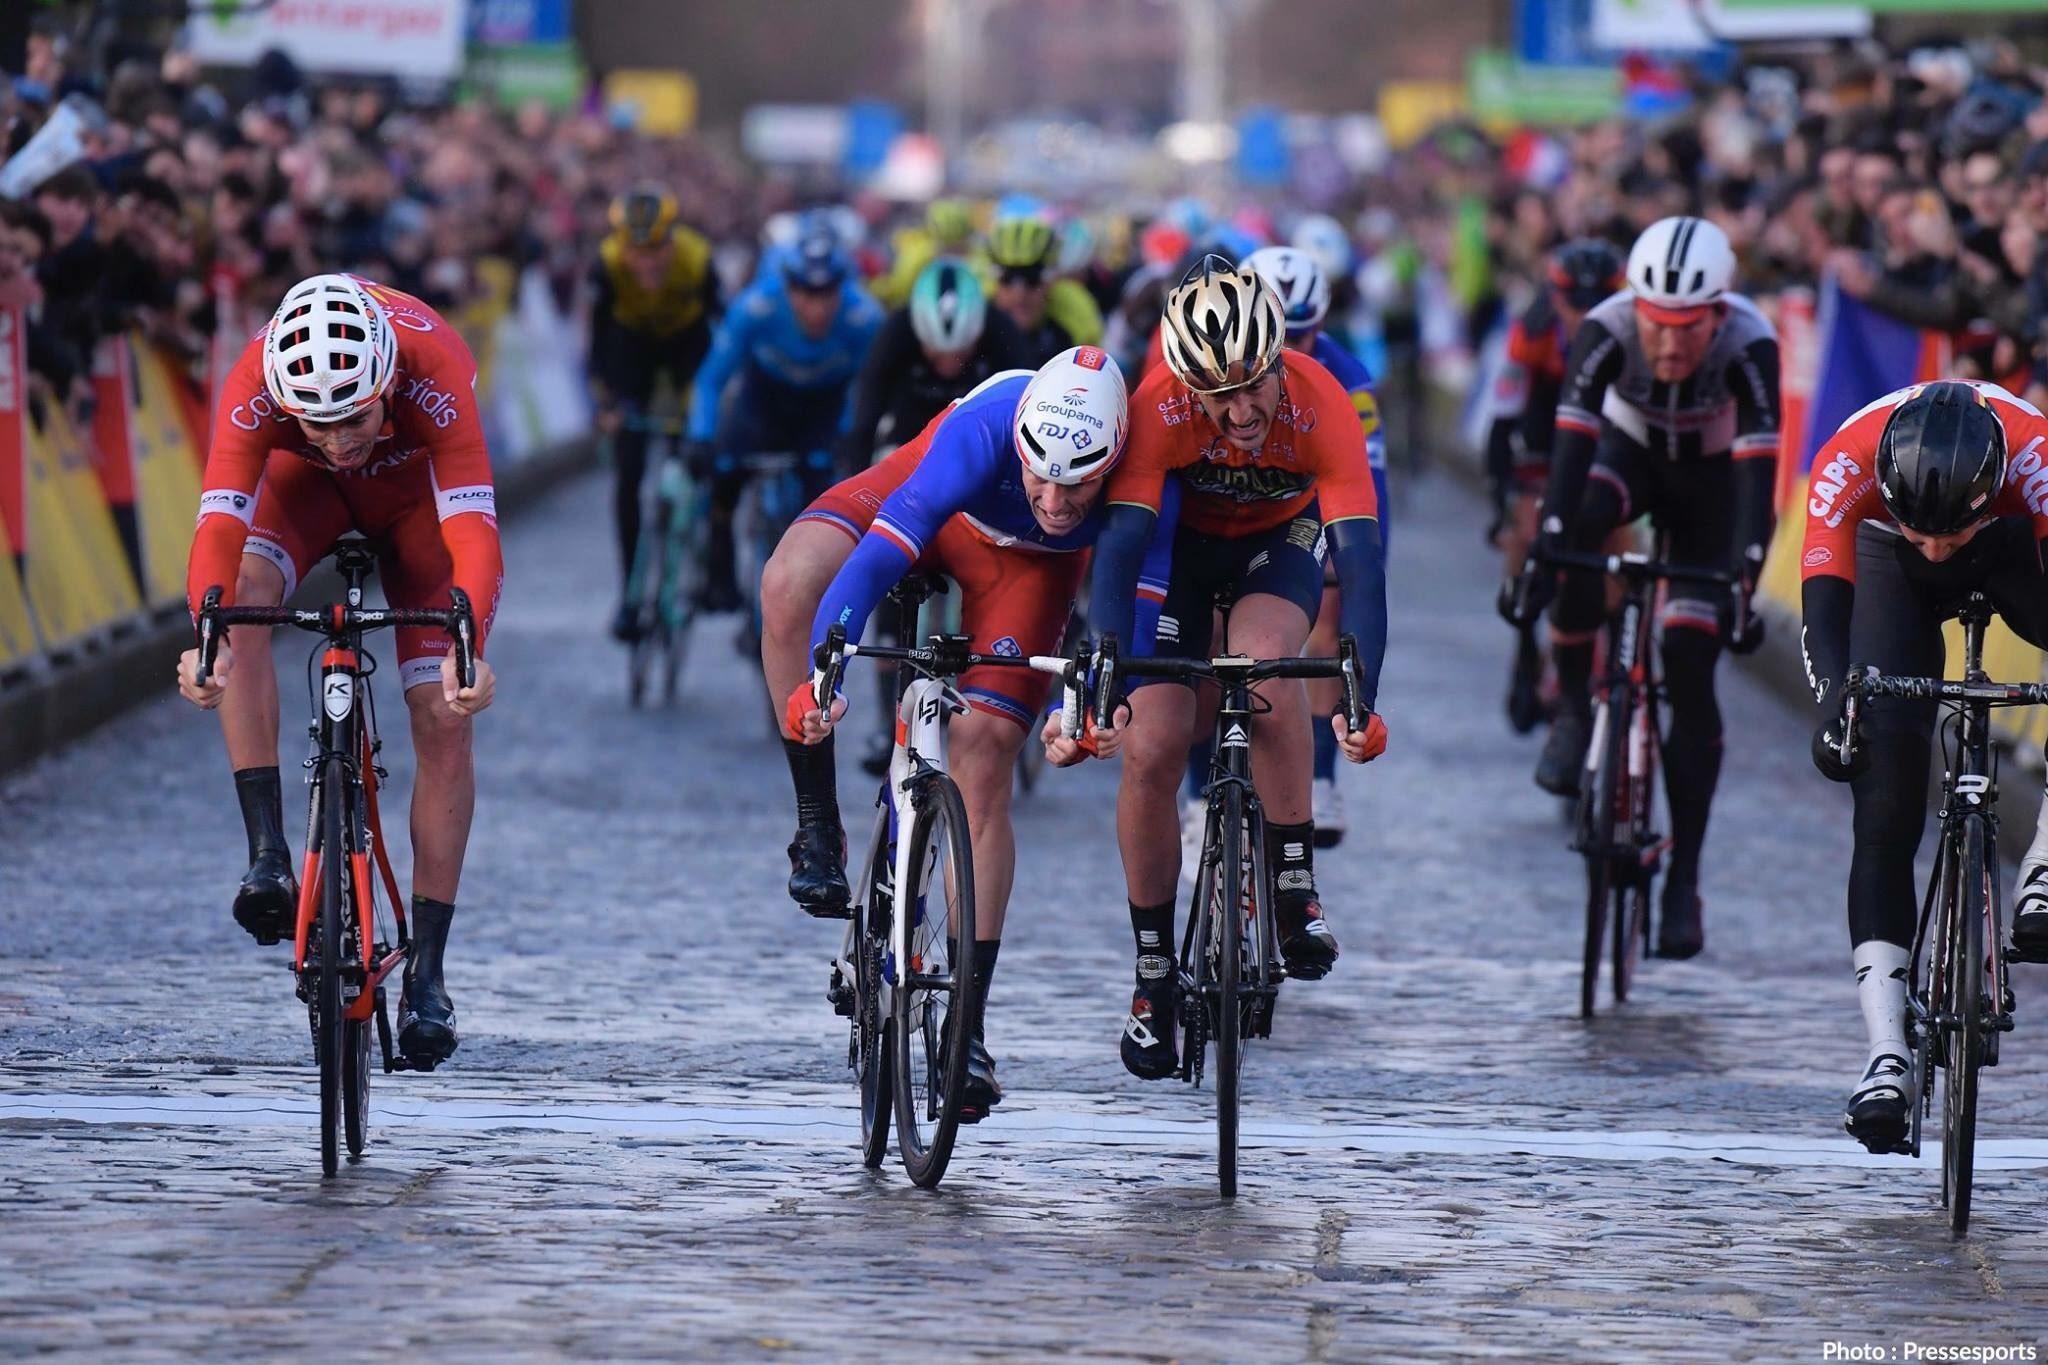 Арно Демар выиграл первый этап велогонки «Париж — Ницца»